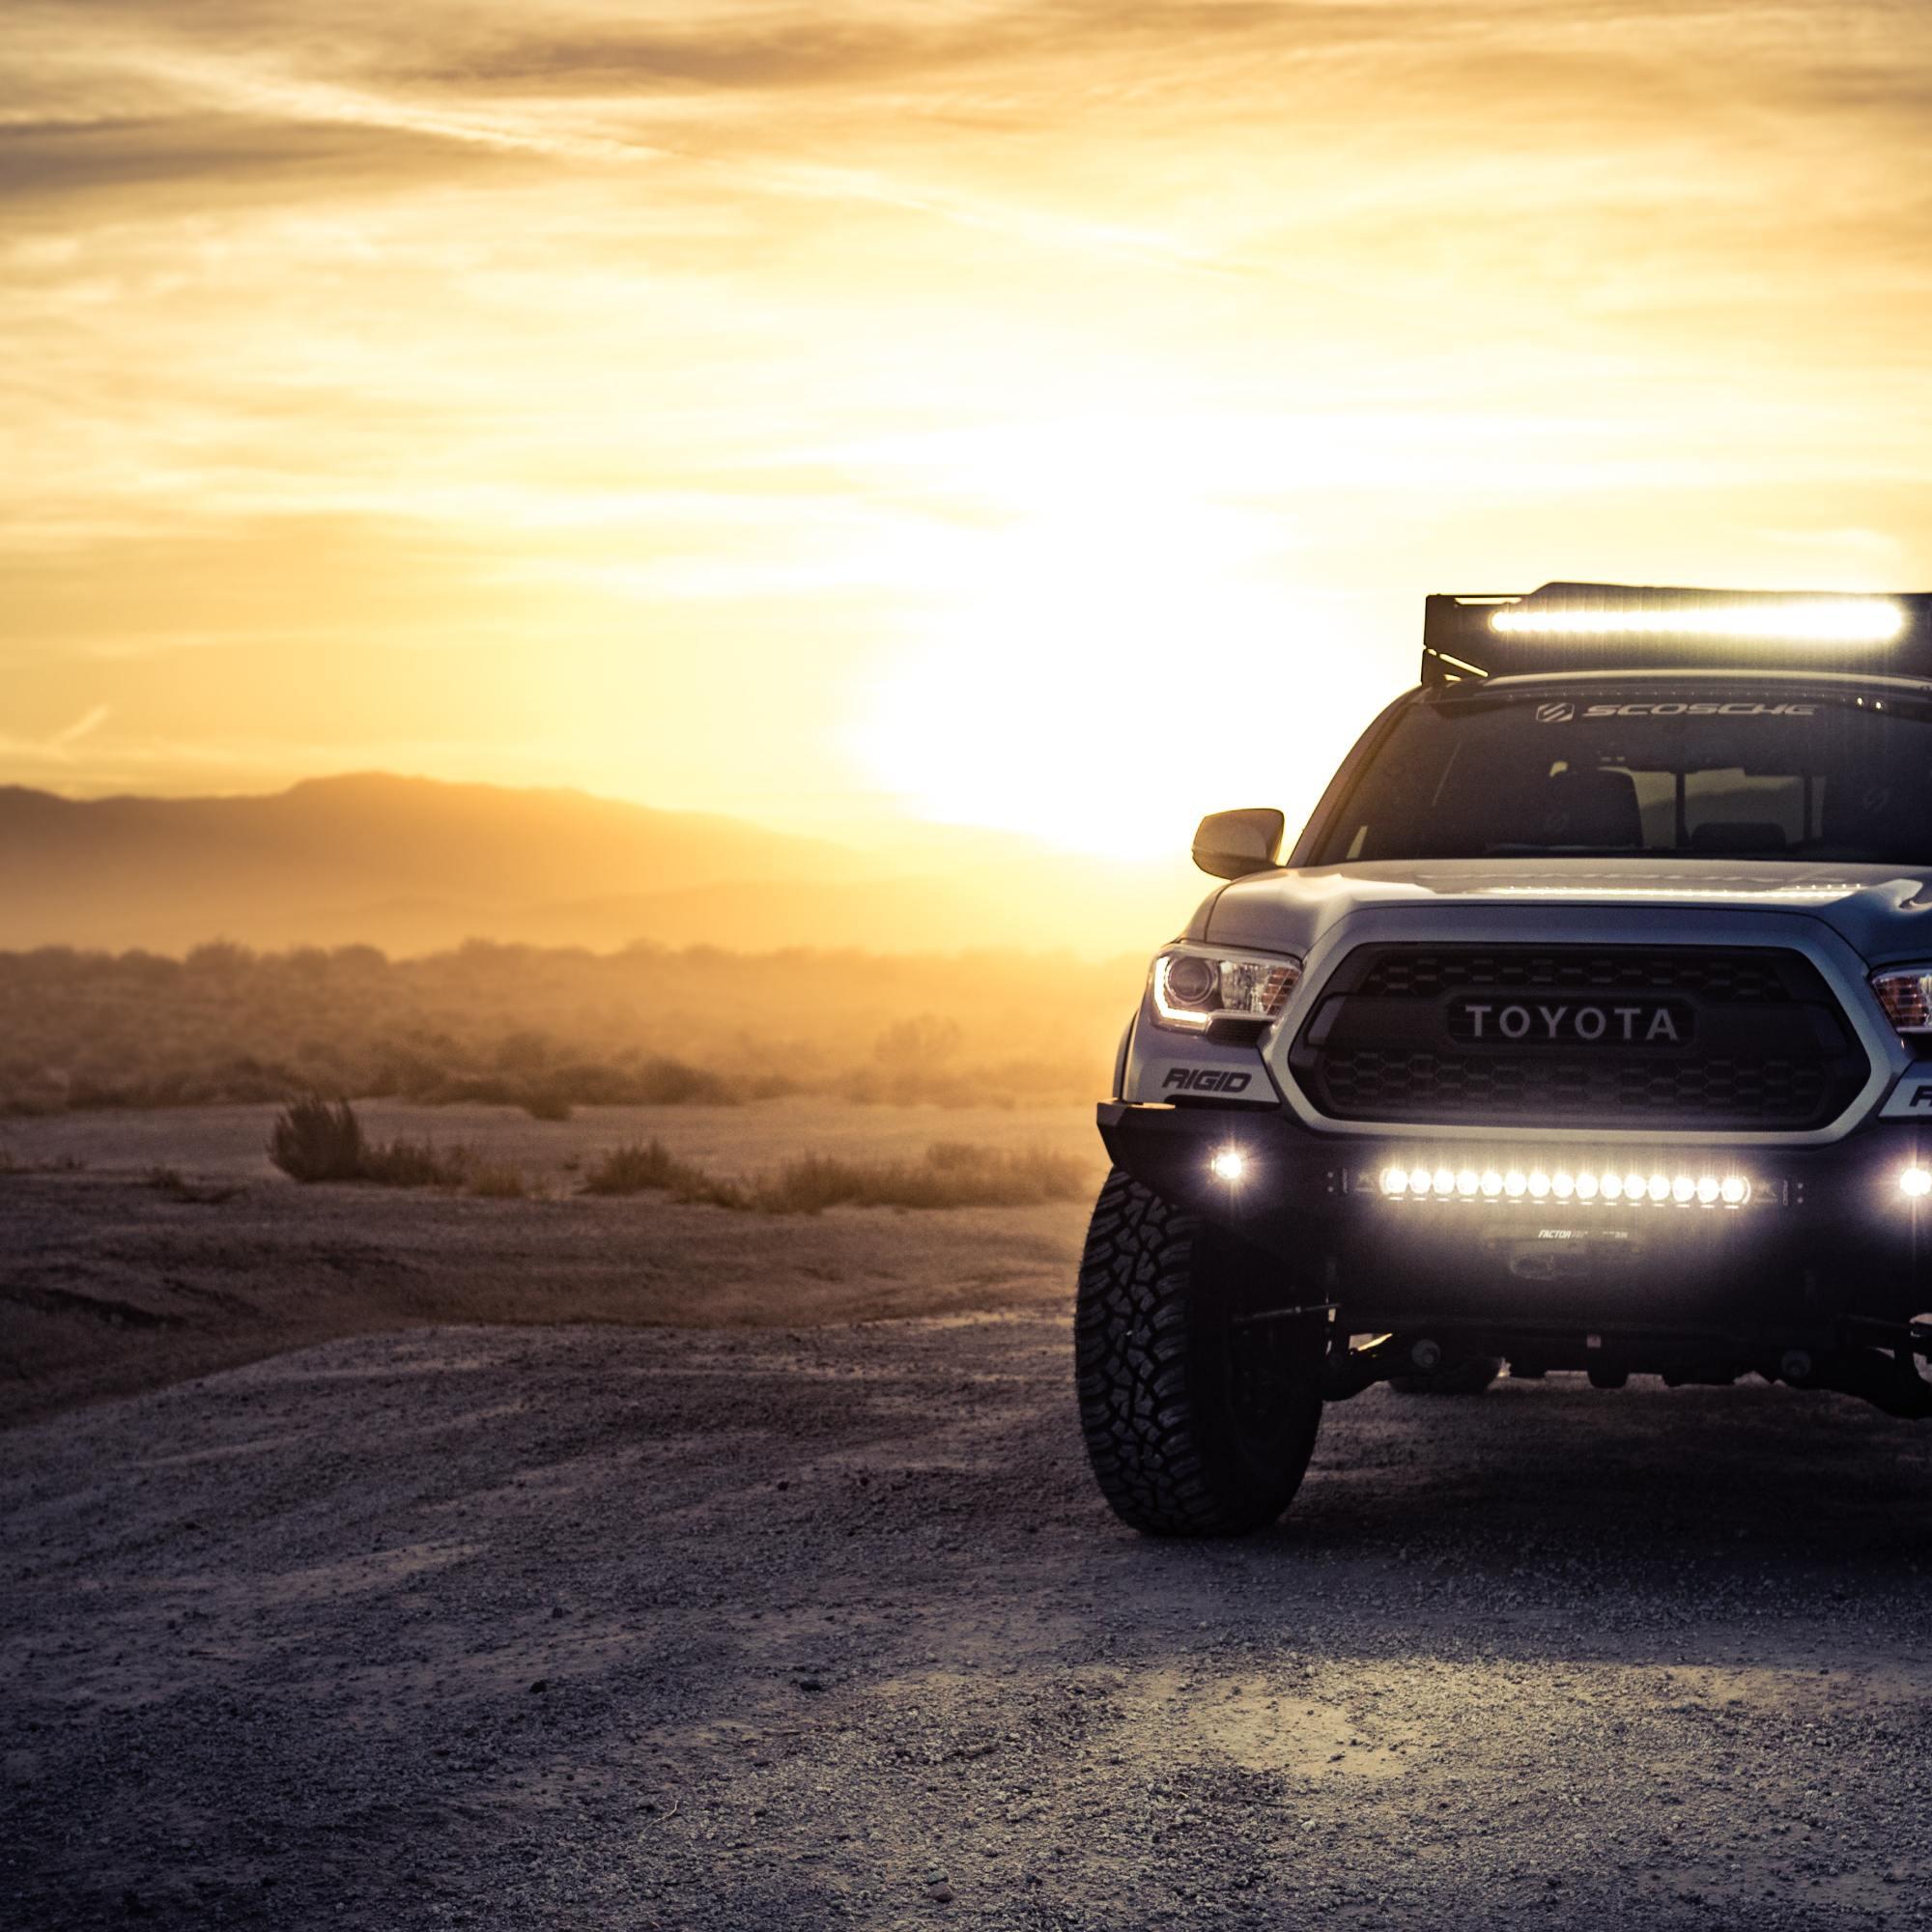 image of Toyota 4Runner in the desert landscape at dusk